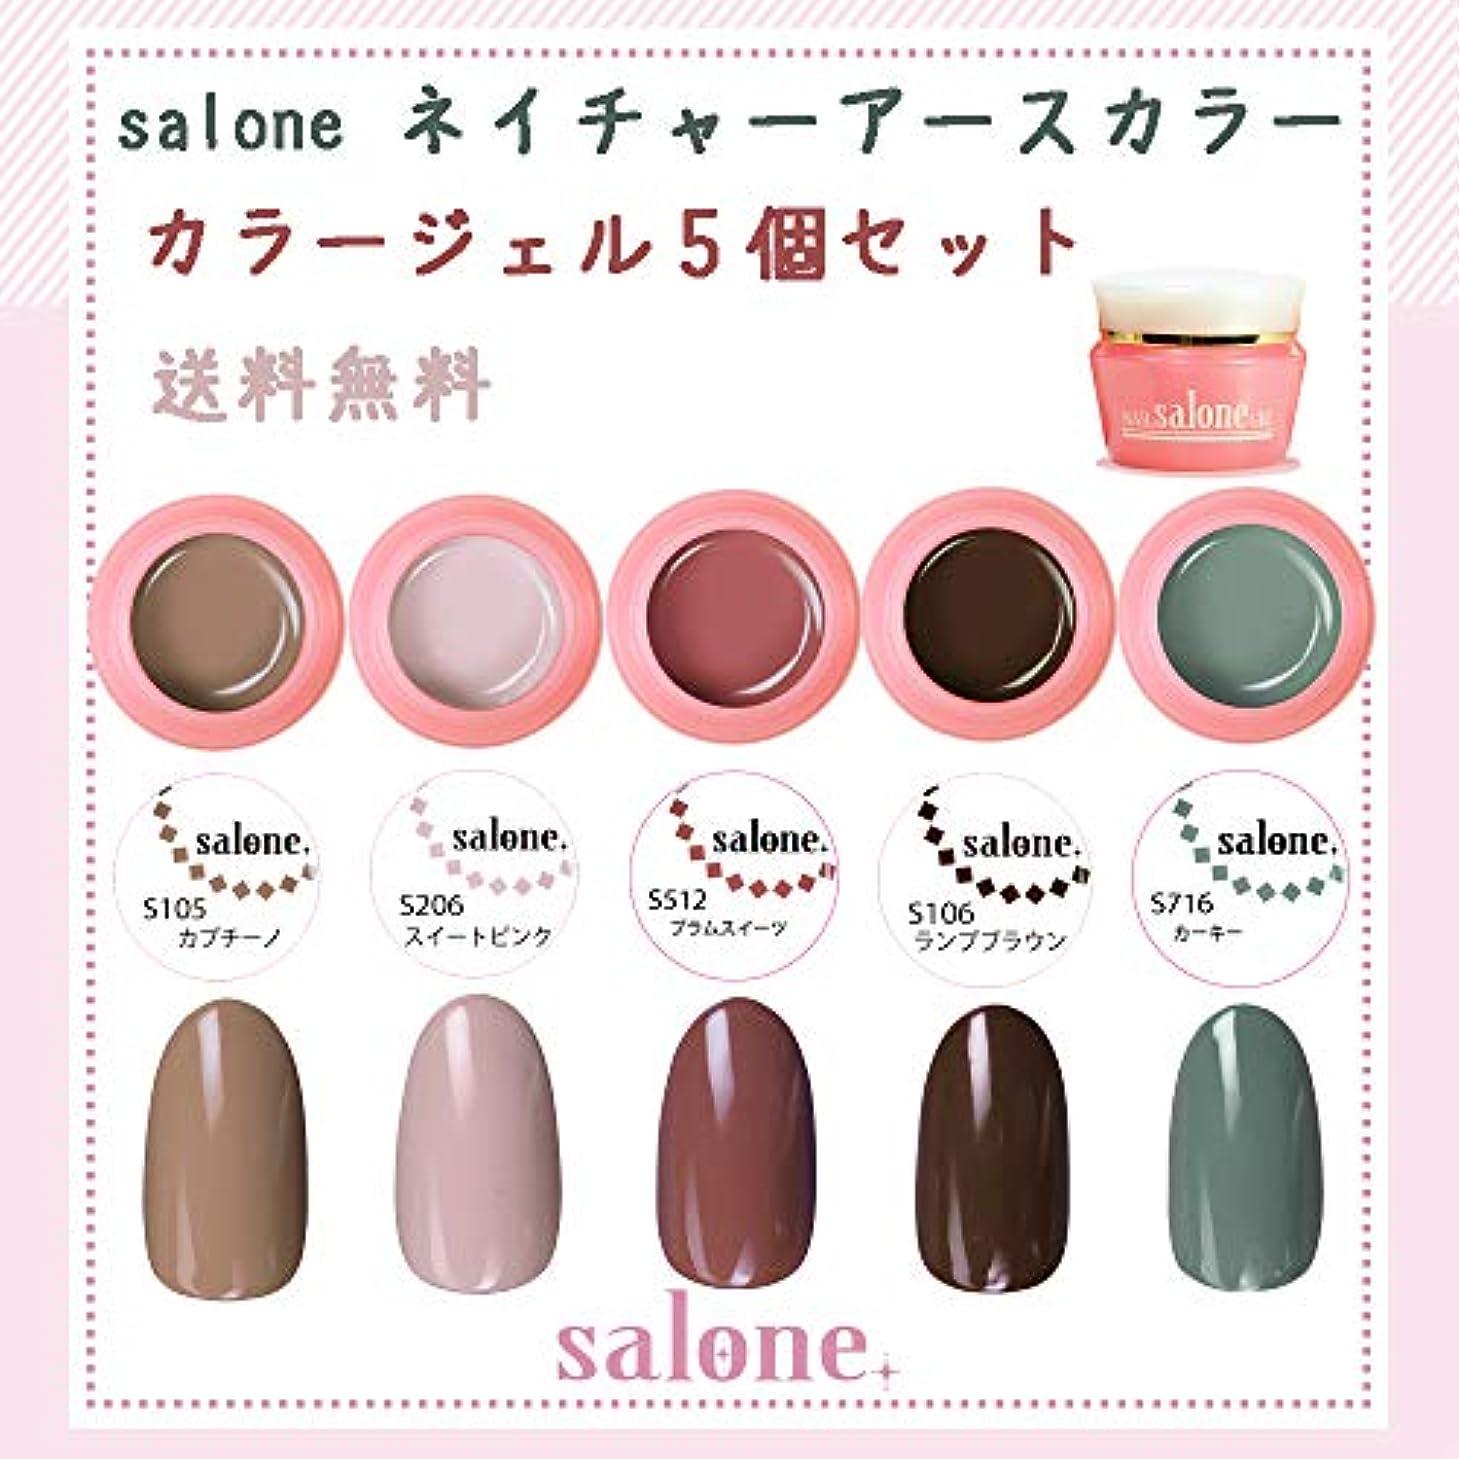 せがむ不足無心【送料無料 日本製】Salone ネイチャーアースカラー カラージェル5個セット ボタニカルでネイチャーなカラーをチョイスしました。